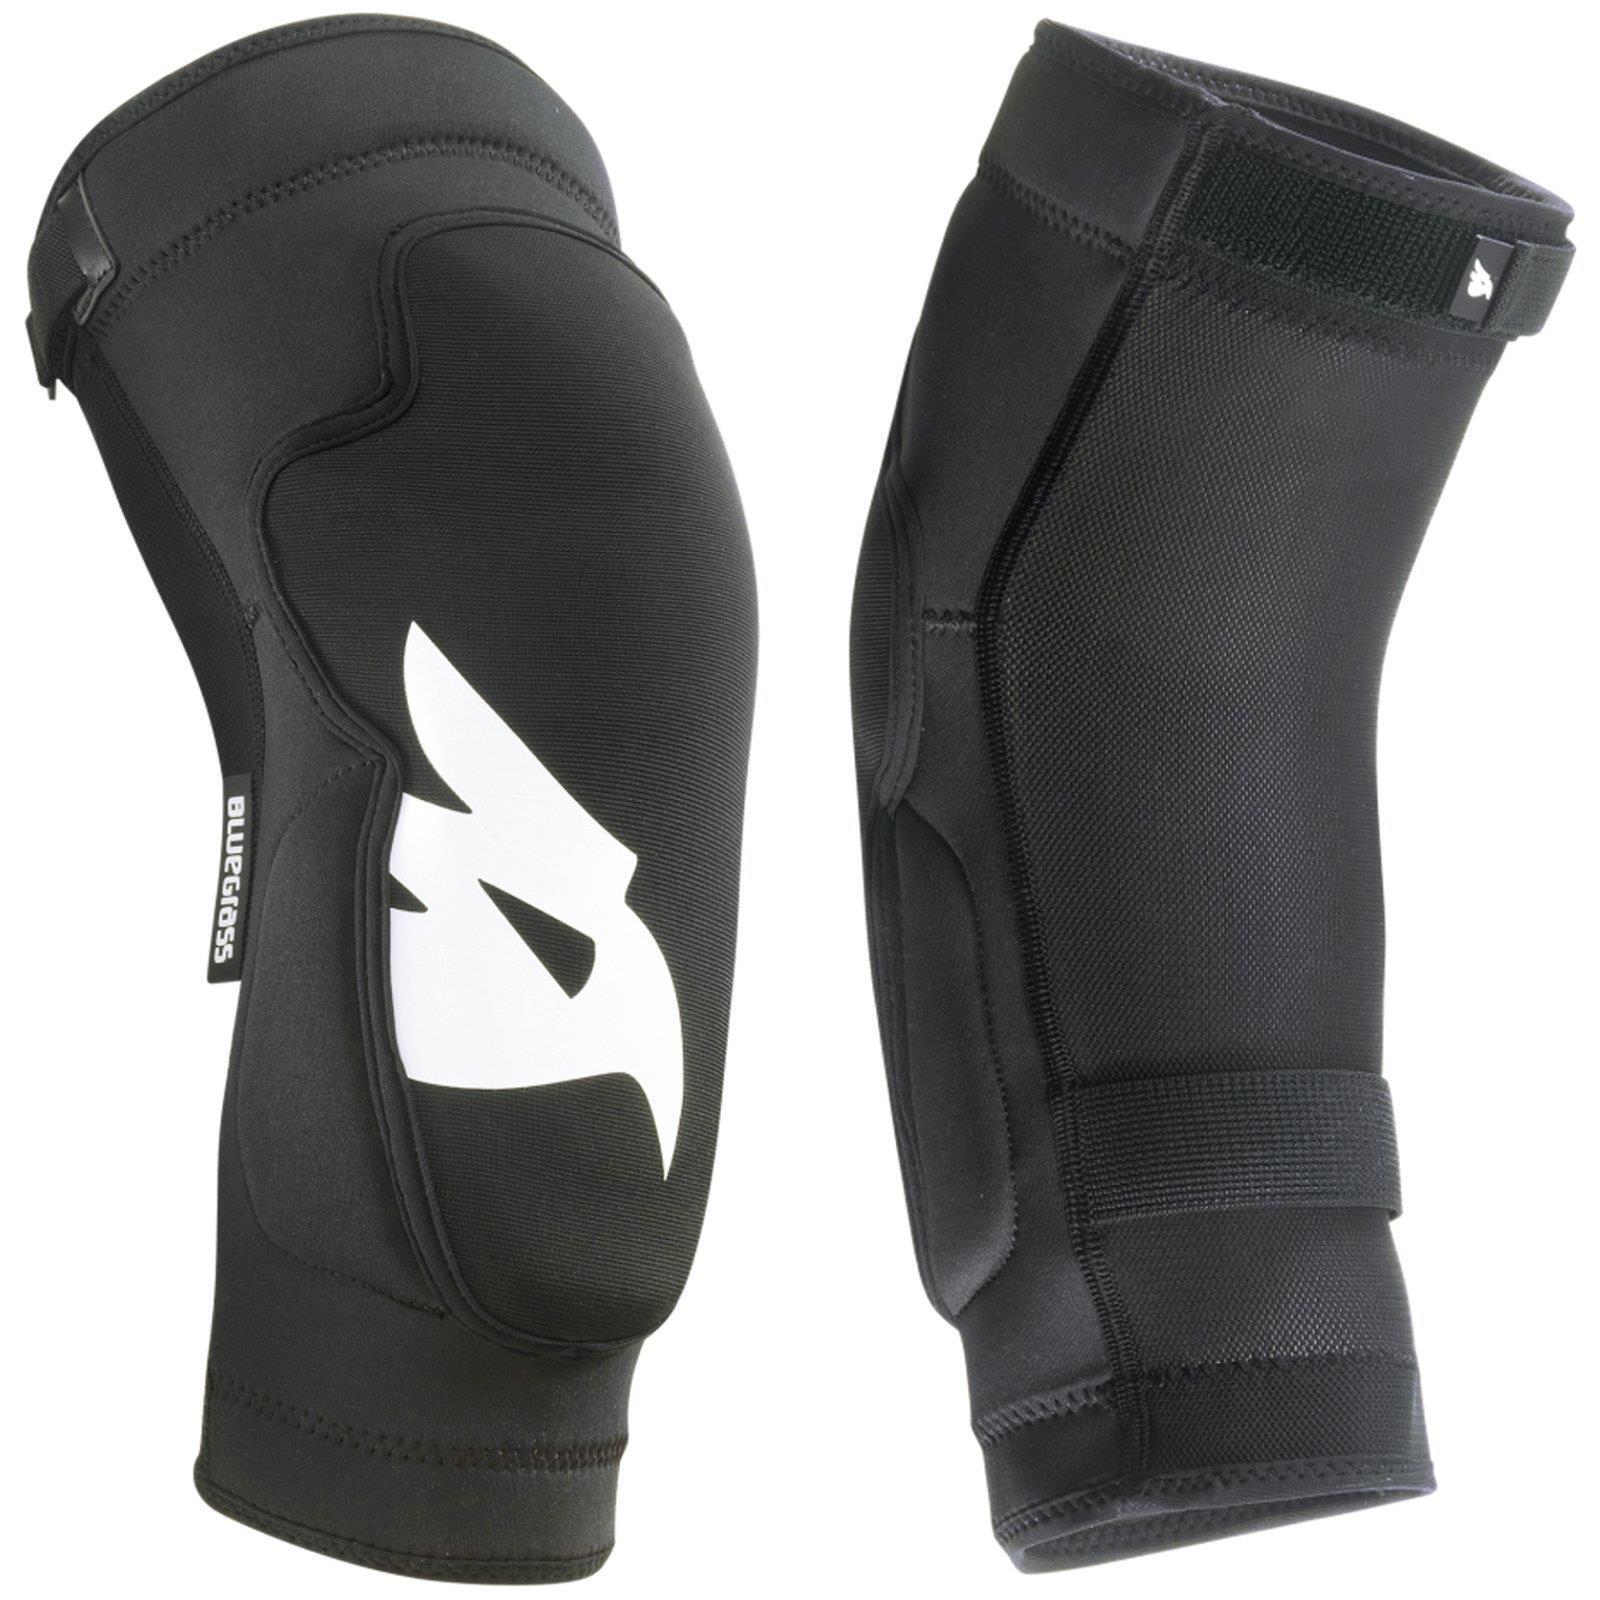 blueegrass Solid Knee Knieschoner Predektoren Schutz Knie Downhill MTB Freeride